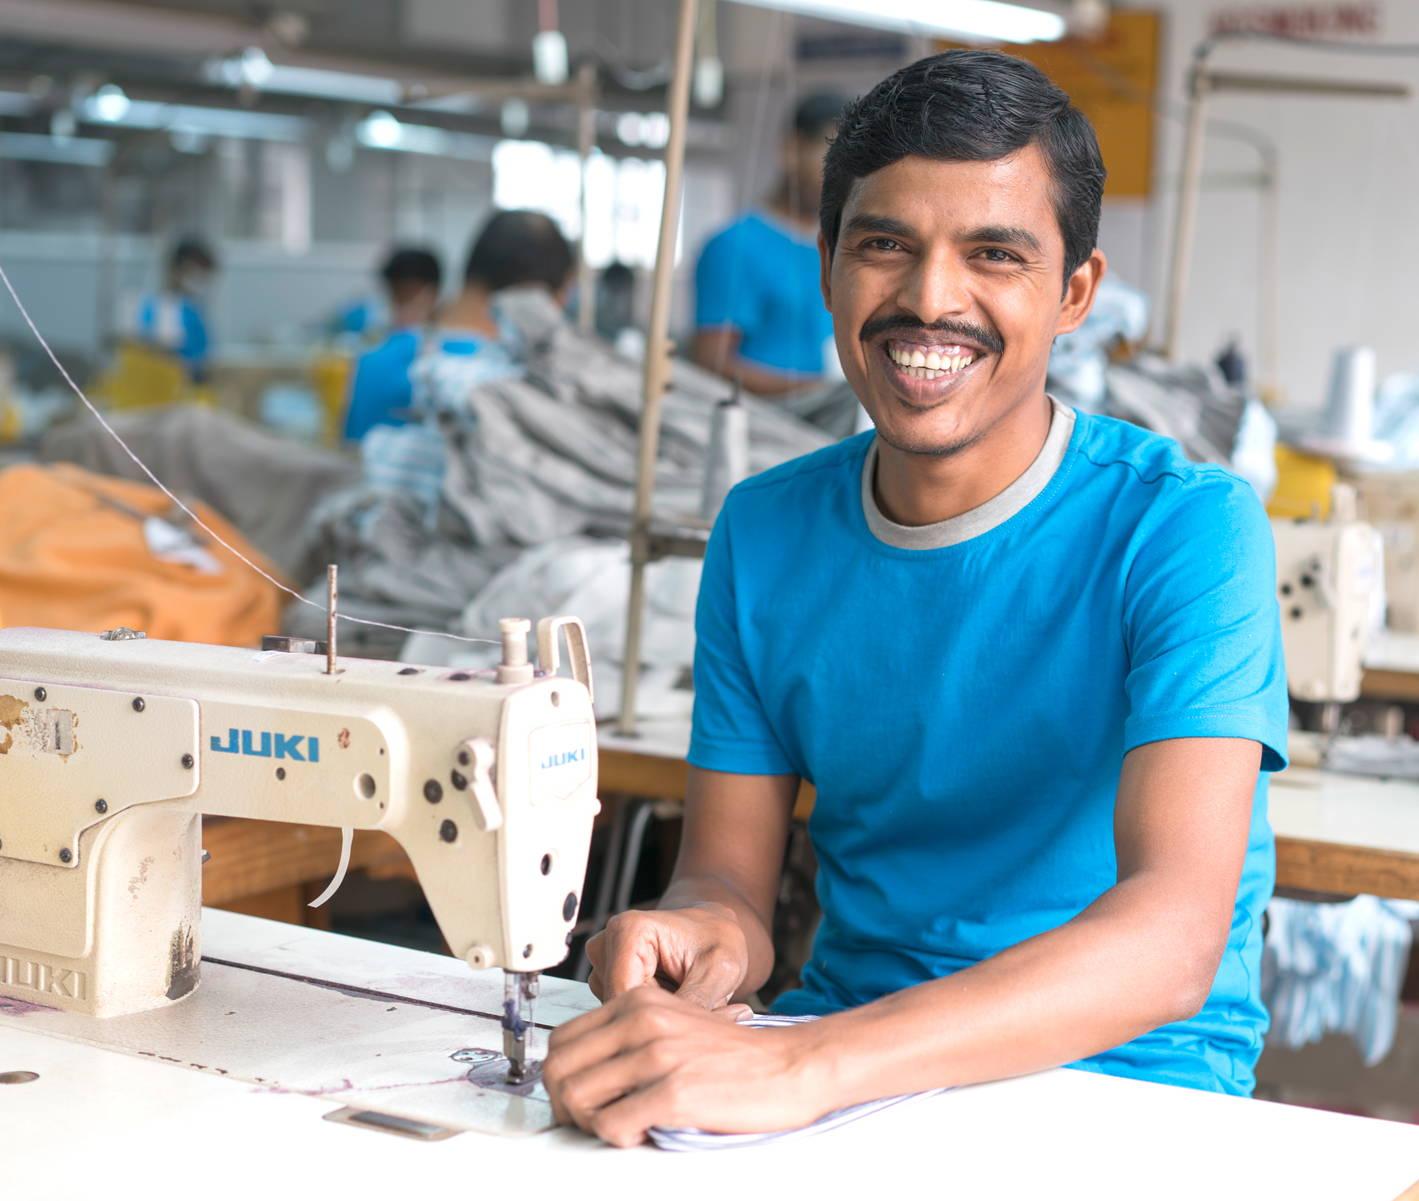 fair trade producer